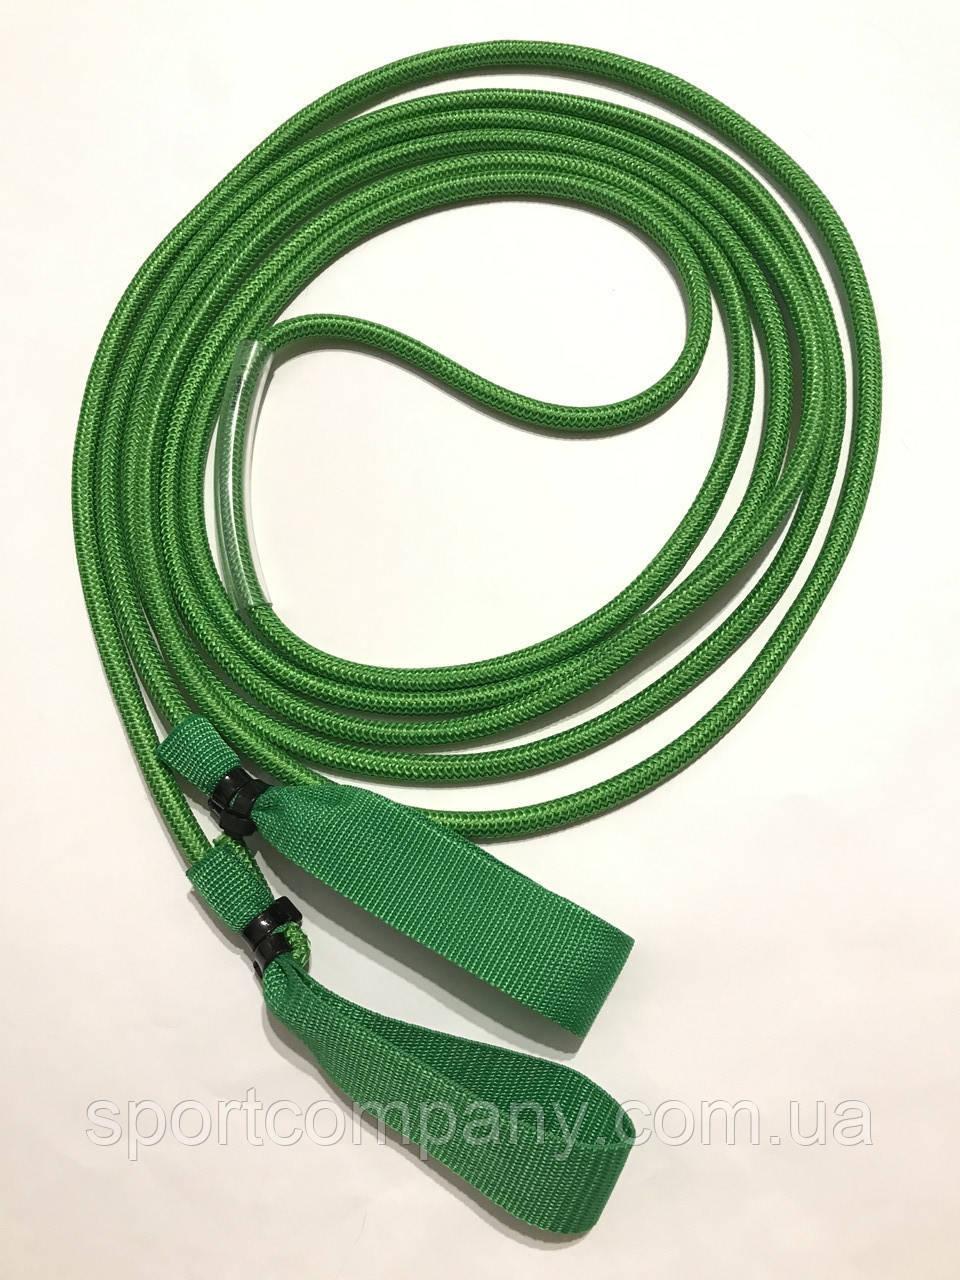 Эспандер для лыжника, боксера, пловца и фитнеса с ручками 10 мм, зеленый, 9 метров